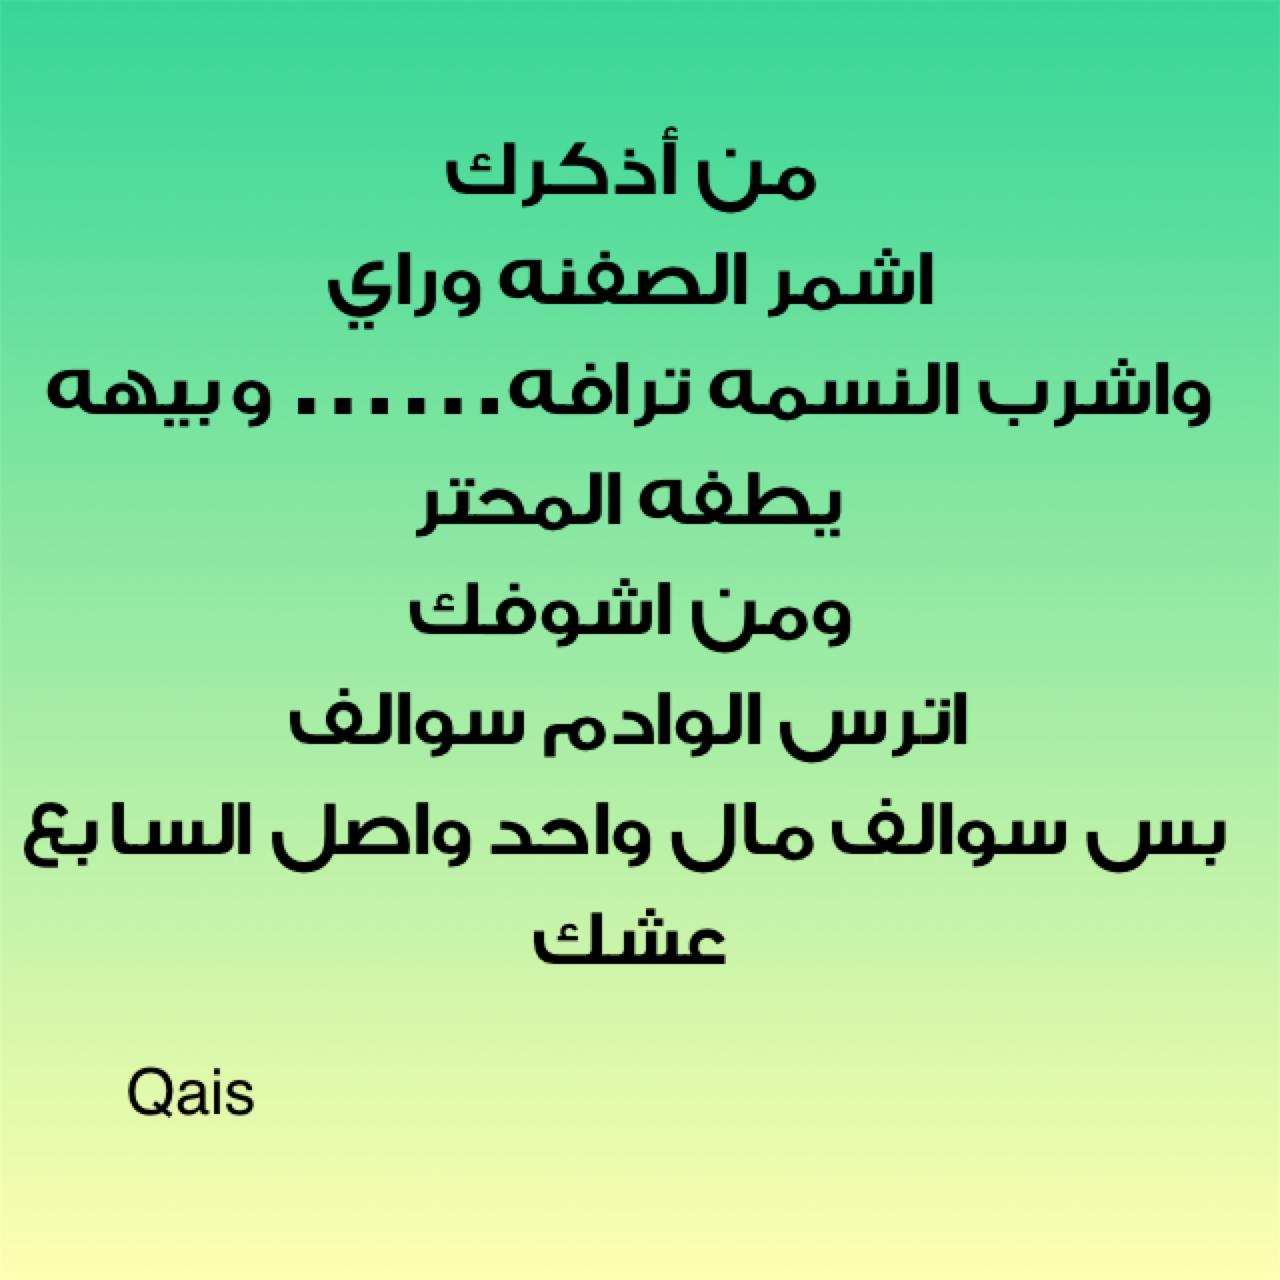 شعر شعبي عراقي حزين عن الفراق الفراق حزين شعبي شعر عراقي عن Math Math Equations